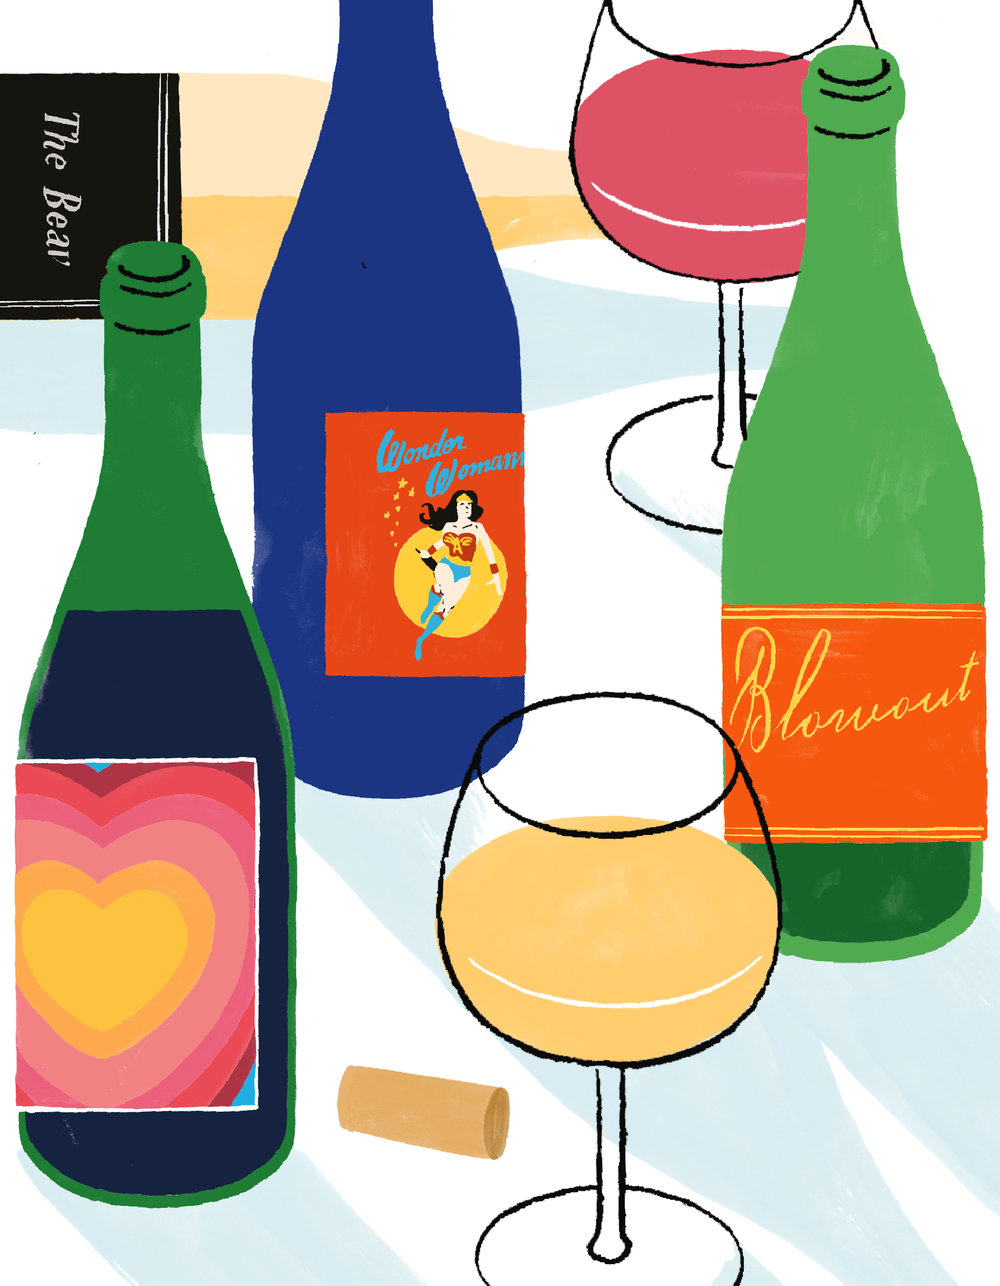 stephenson_wine.jpg